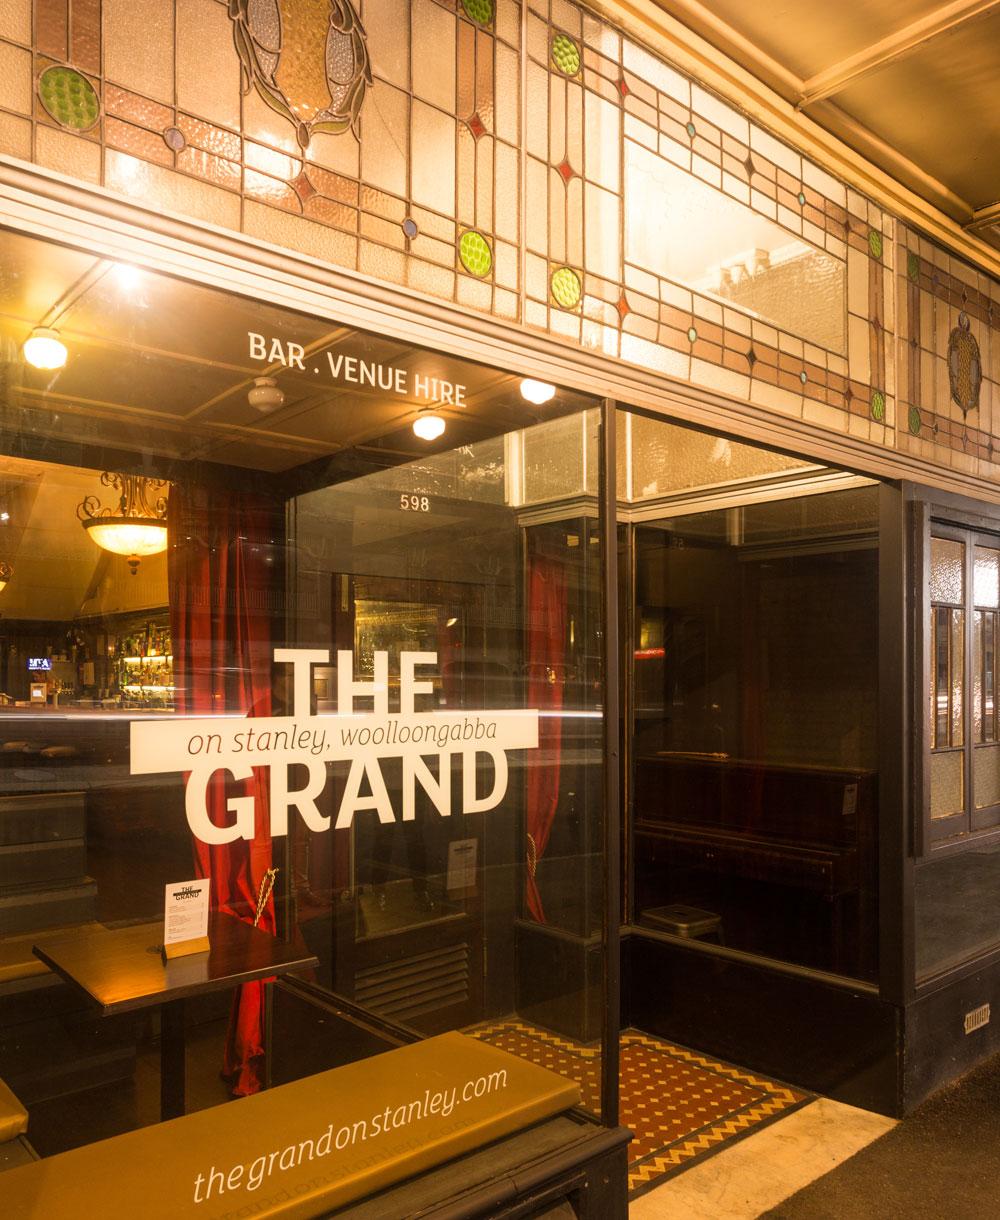 The Grand facade